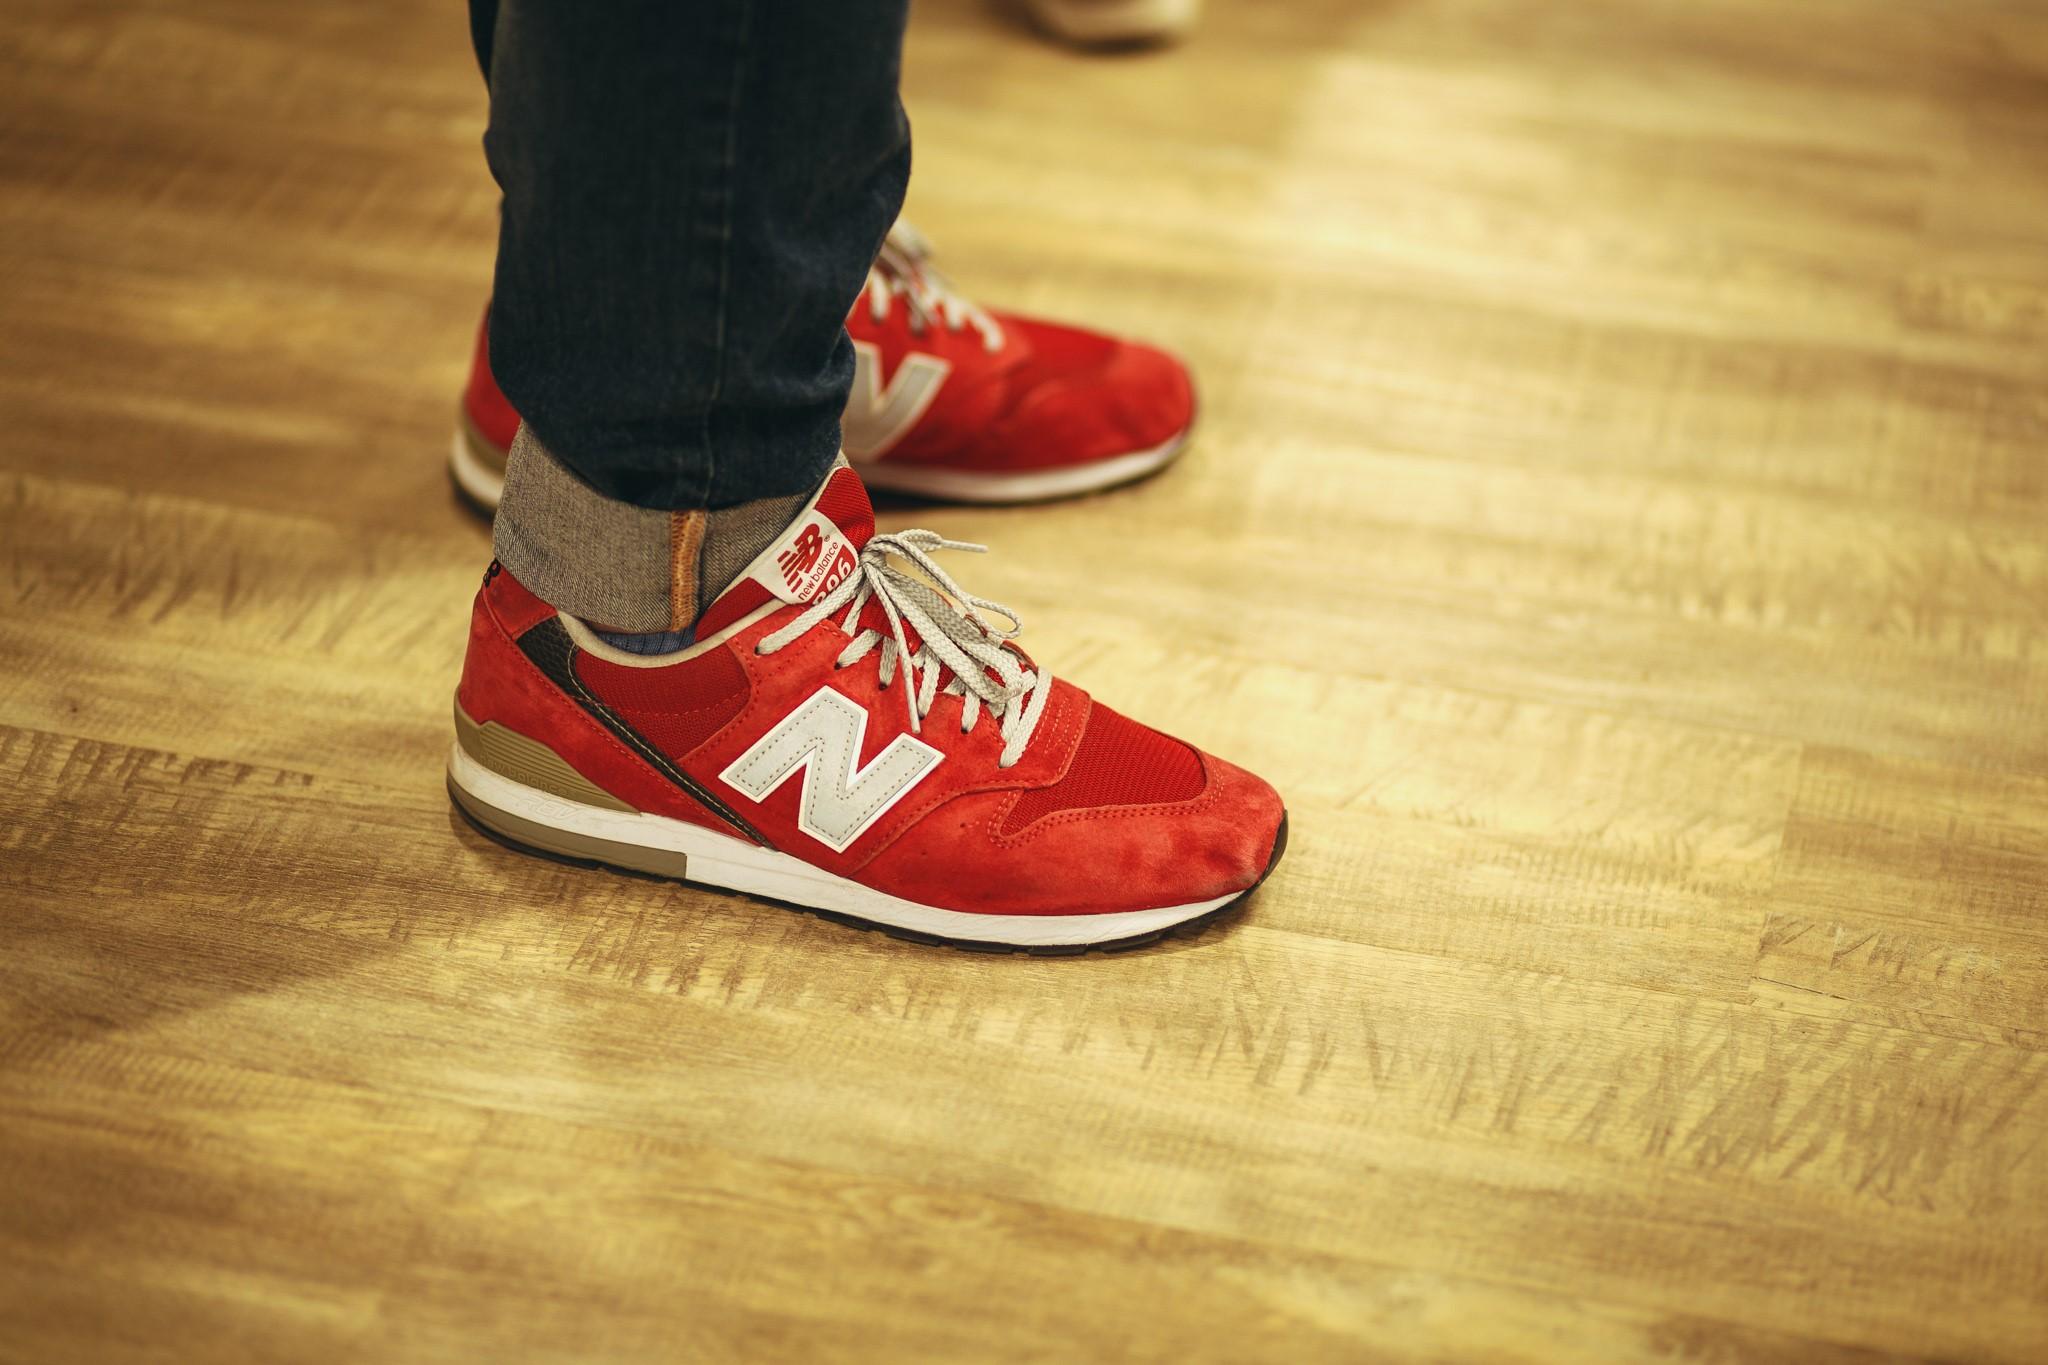 99db058f Американская классика, премиальная замша — отличный выбор аккуратного  человека, очень любящего ухаживать за обувью. +